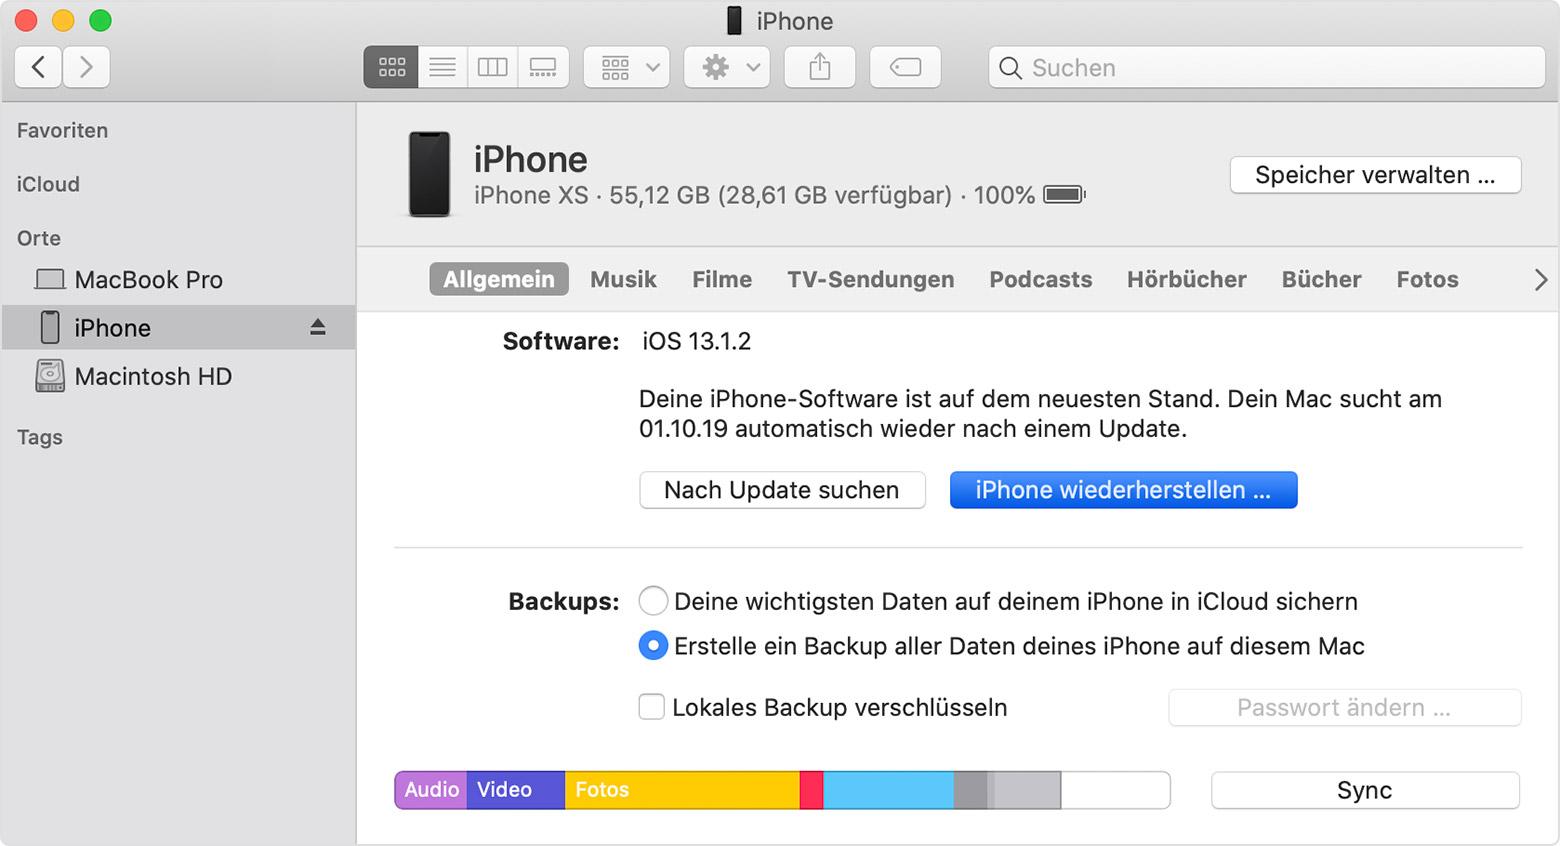 FTOSTREAM VON IPHONE AUF PC FUNKTIONIERT NICHT MEHR